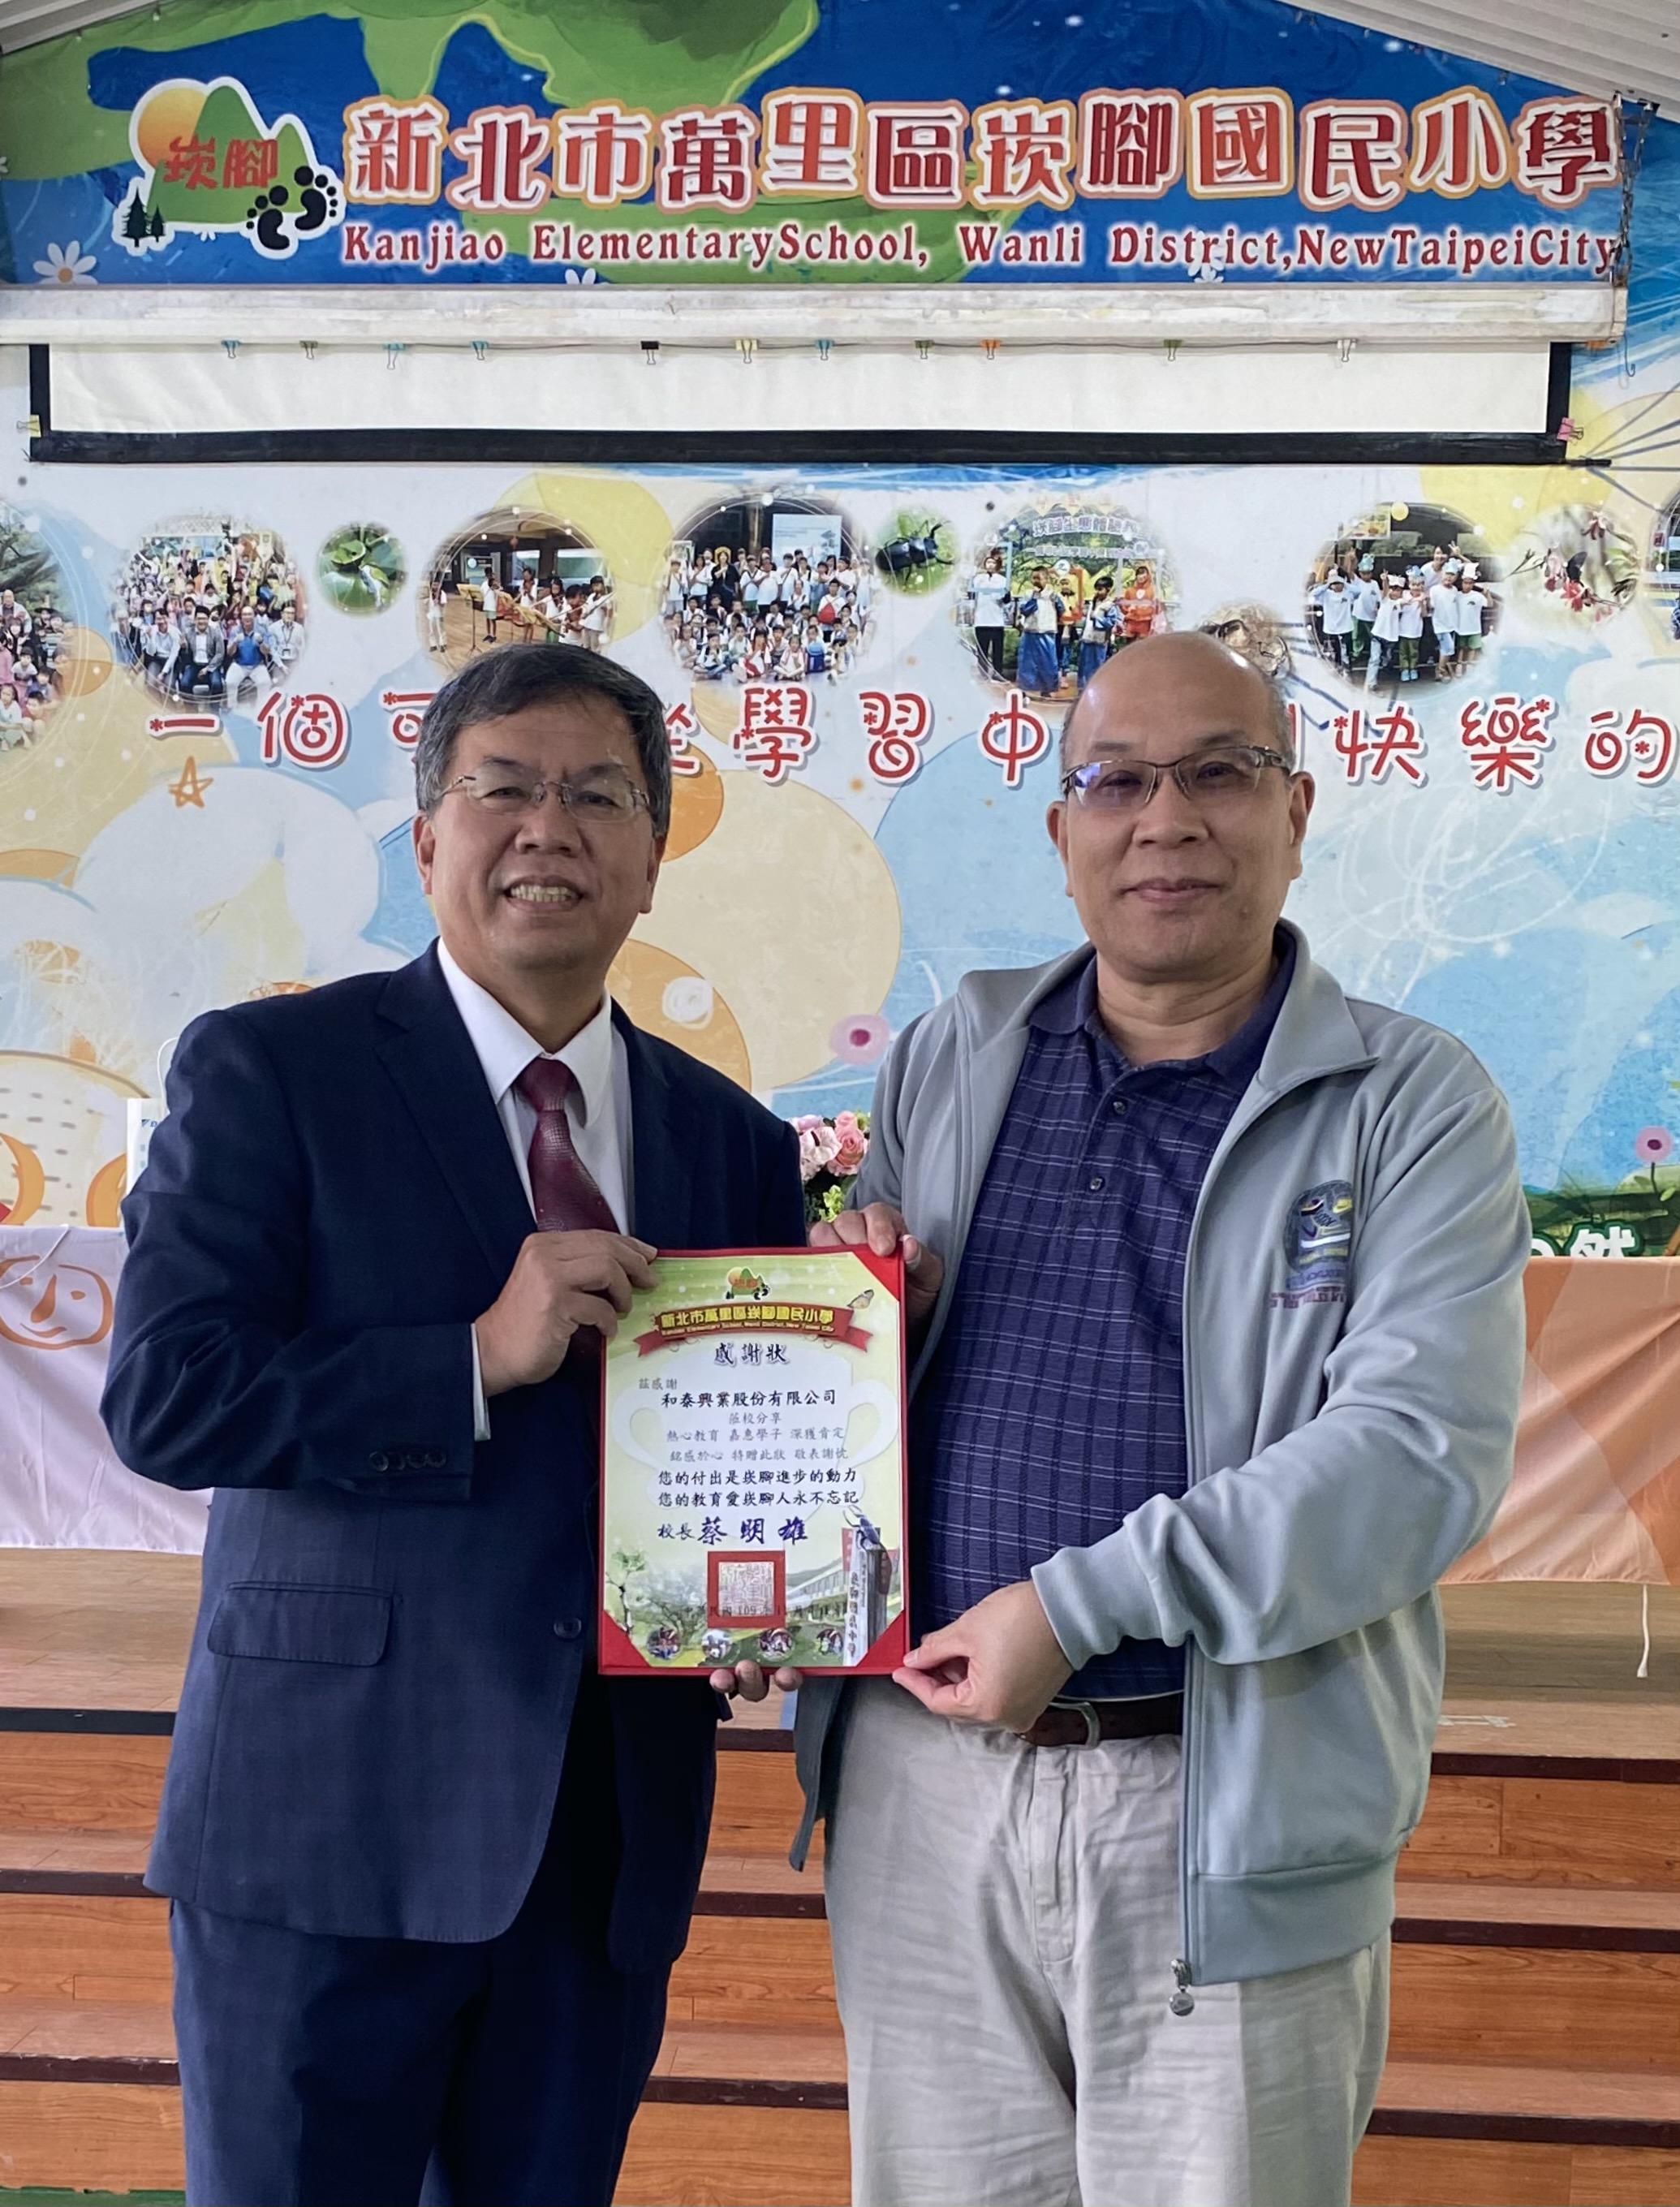 崁腳國小蔡明雄校長(右)贈送和泰興業總經理林鴻志(左)感謝狀